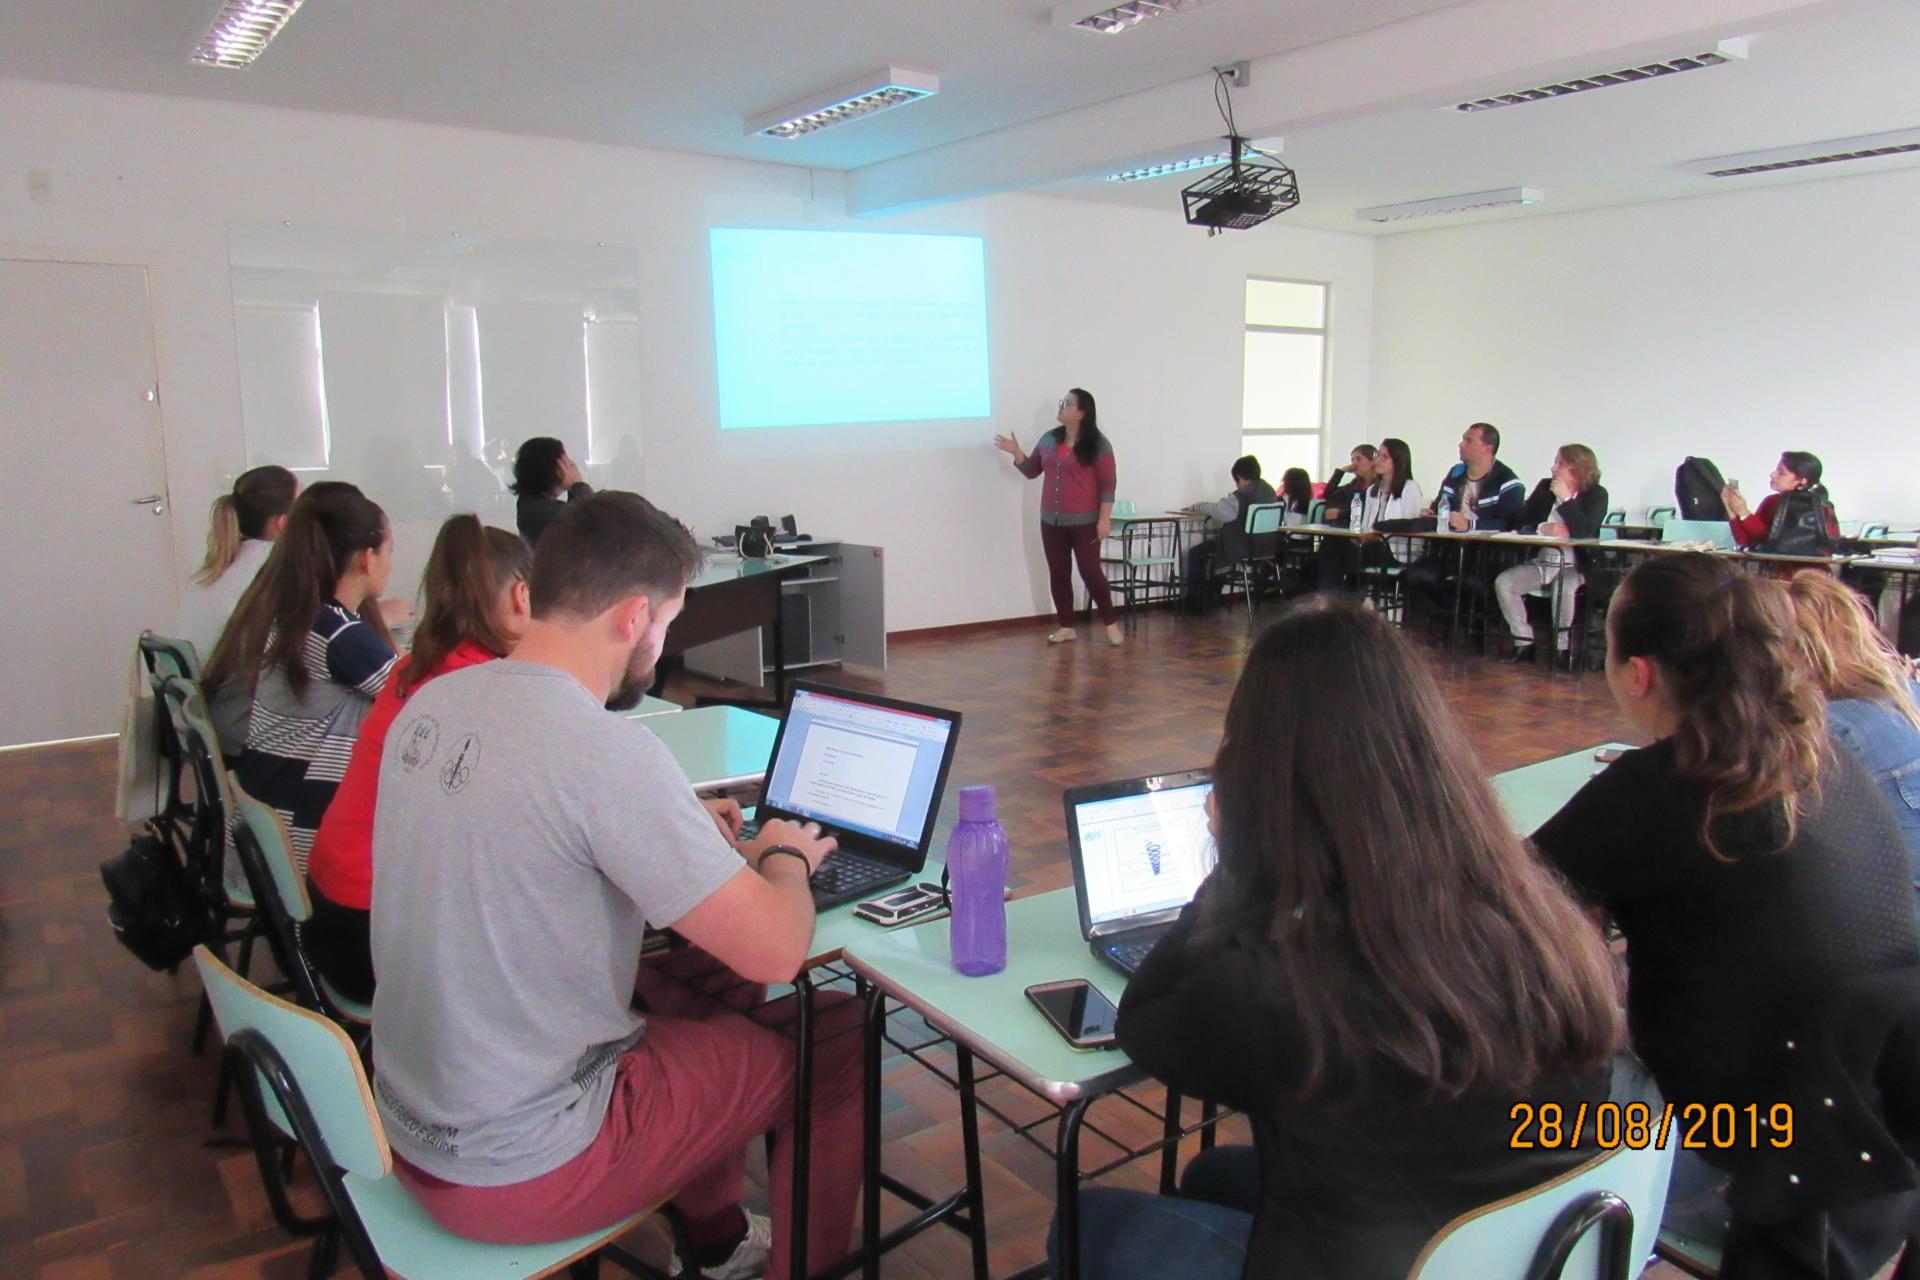 Foto colorida horizontal mostra pessoas em uma sala de aula, sentadas em semicírculo, e à frente uma mulher explana com um retroprojetor